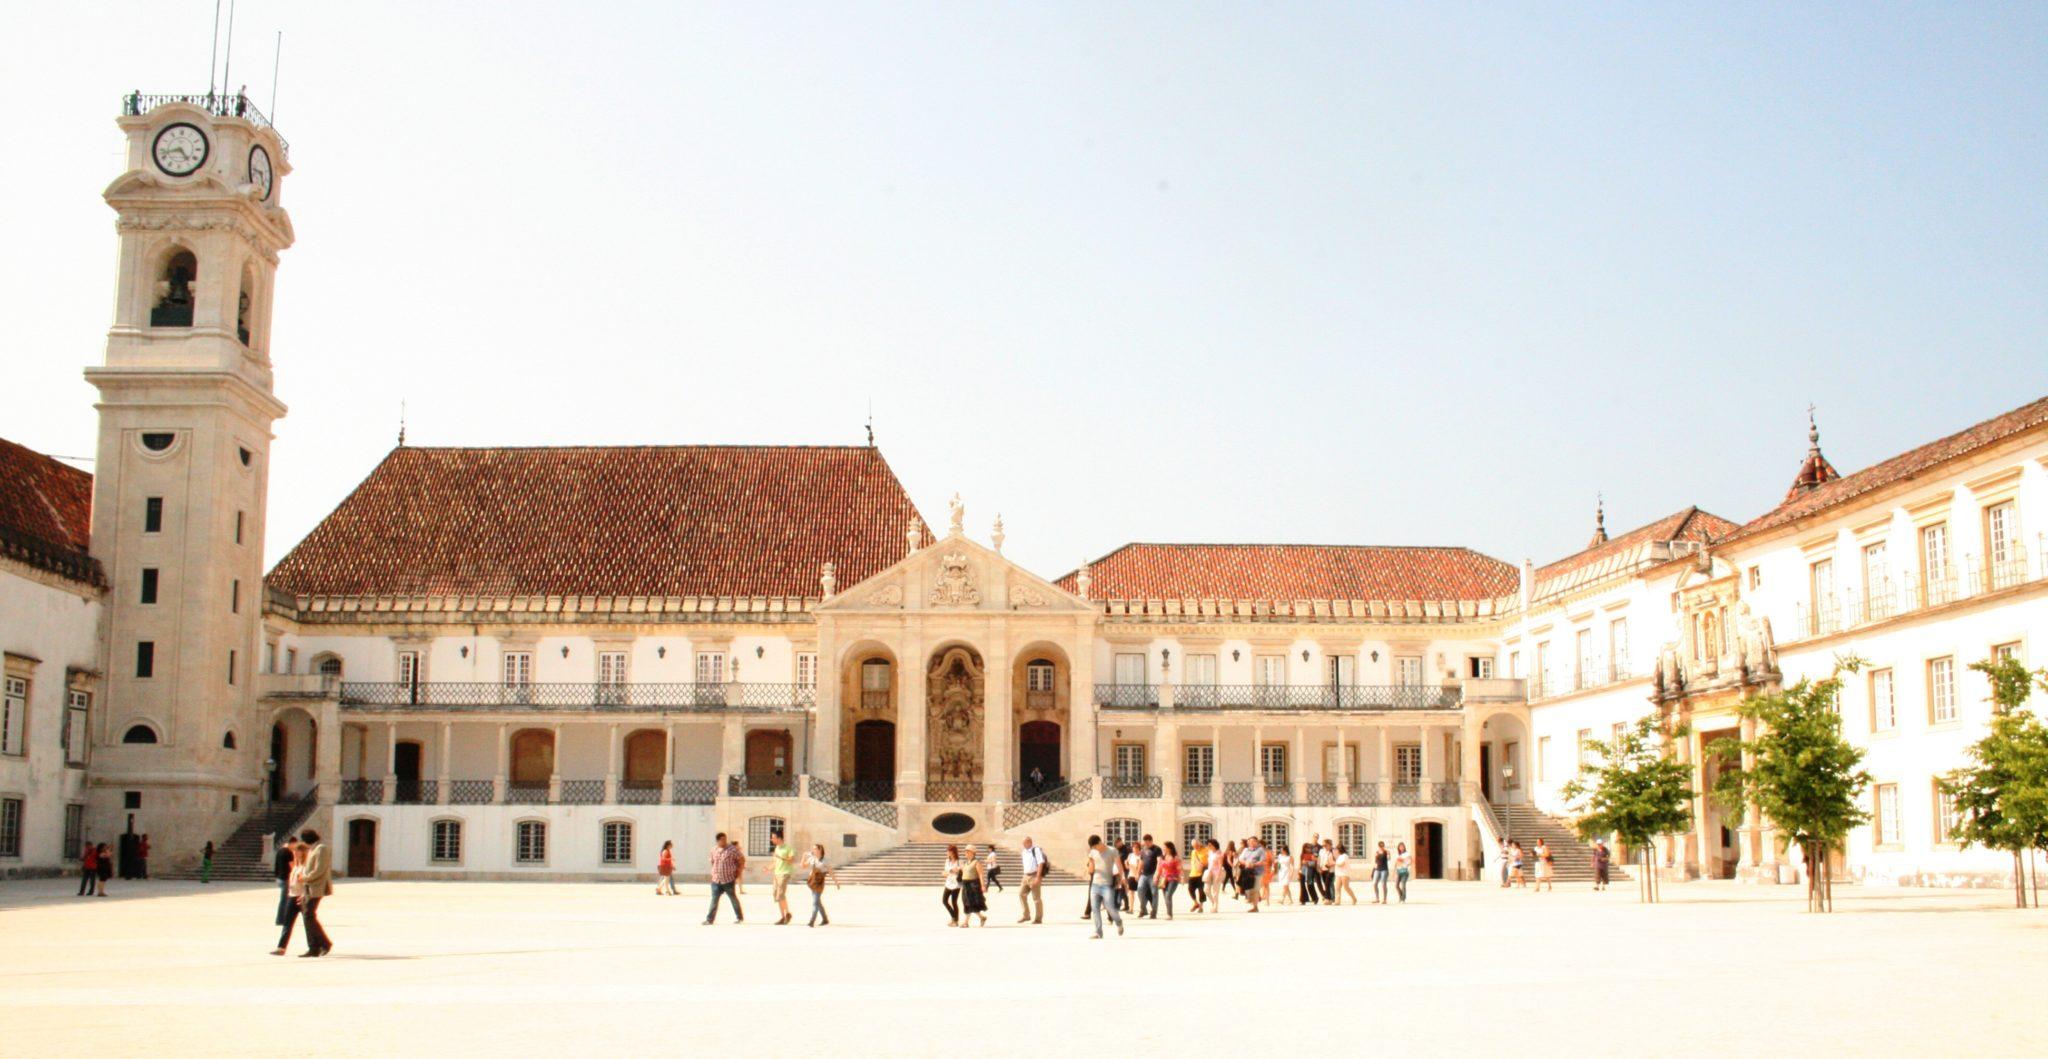 Universidades de Coimbra e Pequim criam centro de estudos para estreitar relações